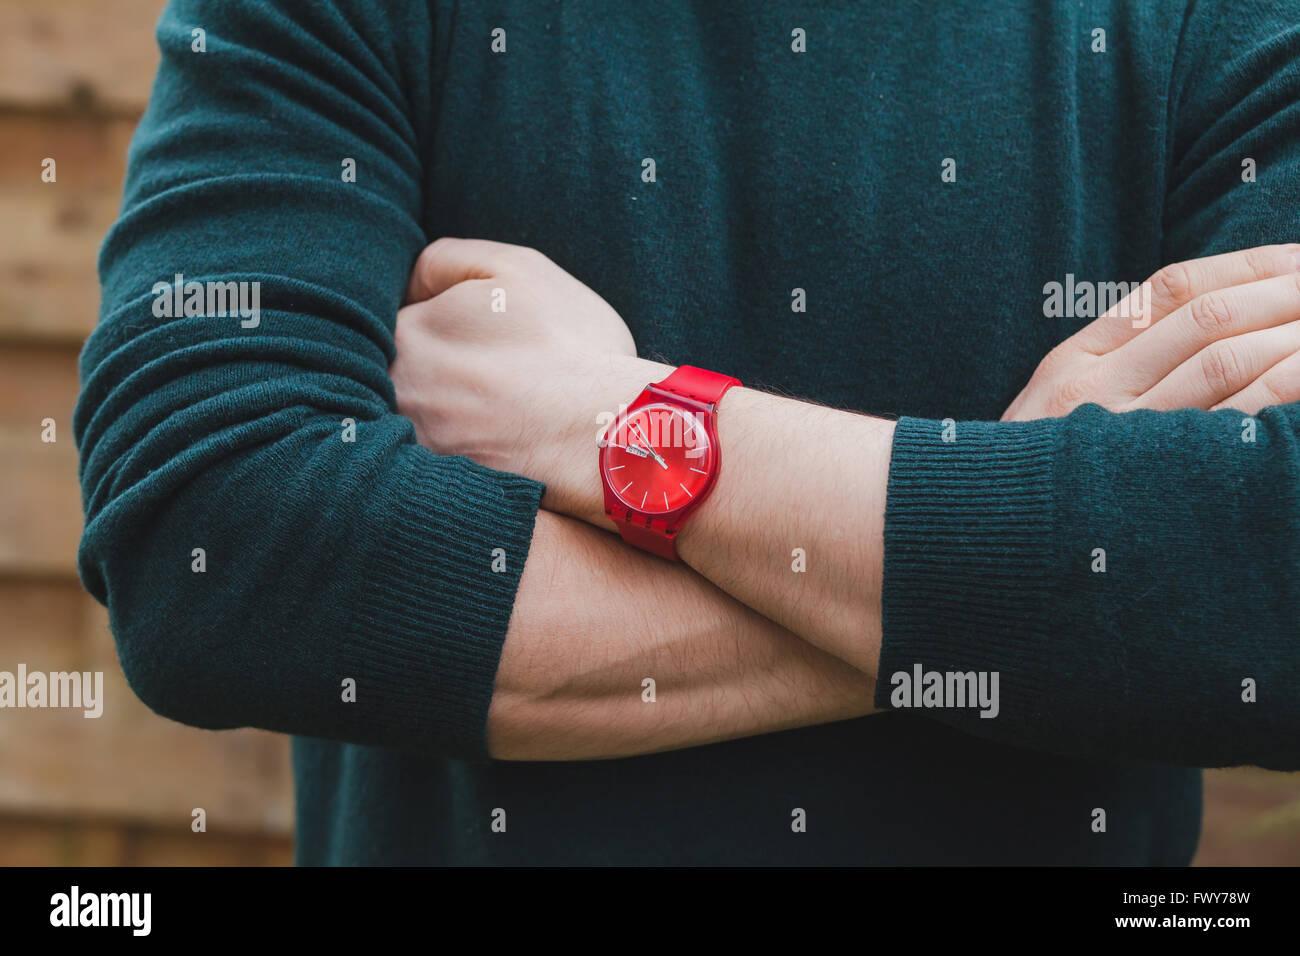 Herrenmode, Nahaufnahme von Händen des männlichen tragen rote Uhr und grünen Pullover, Stil Konzept Stockbild